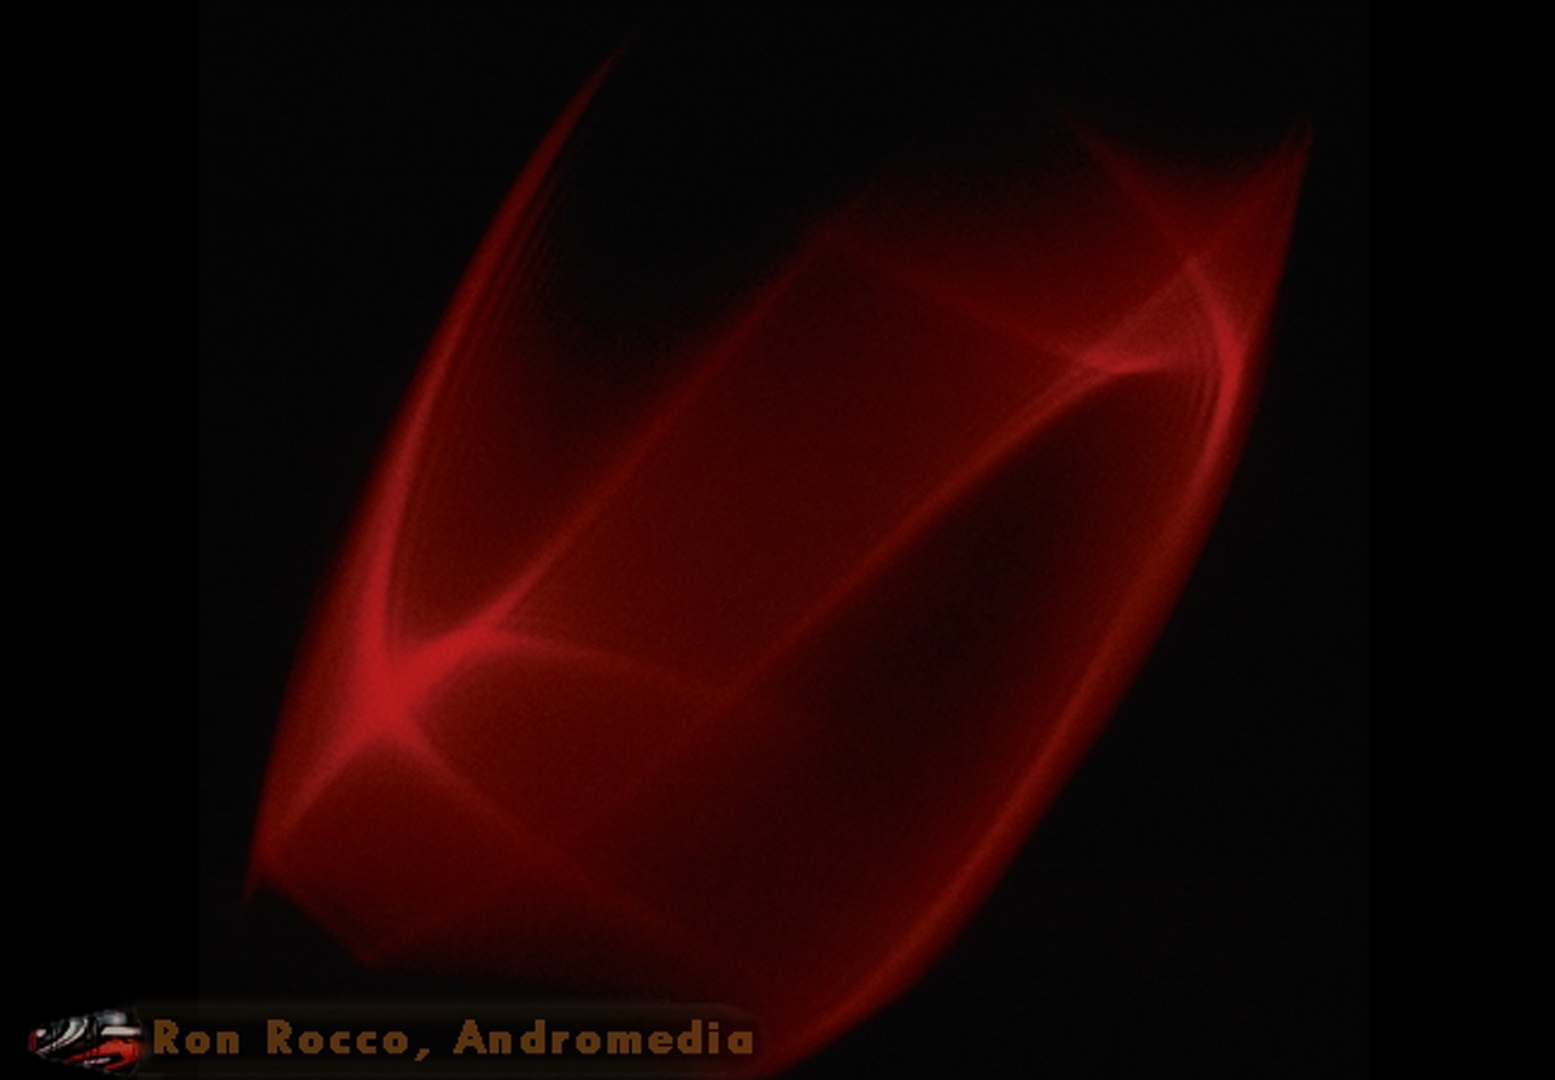 ©, Ron Rocco, Andromedia